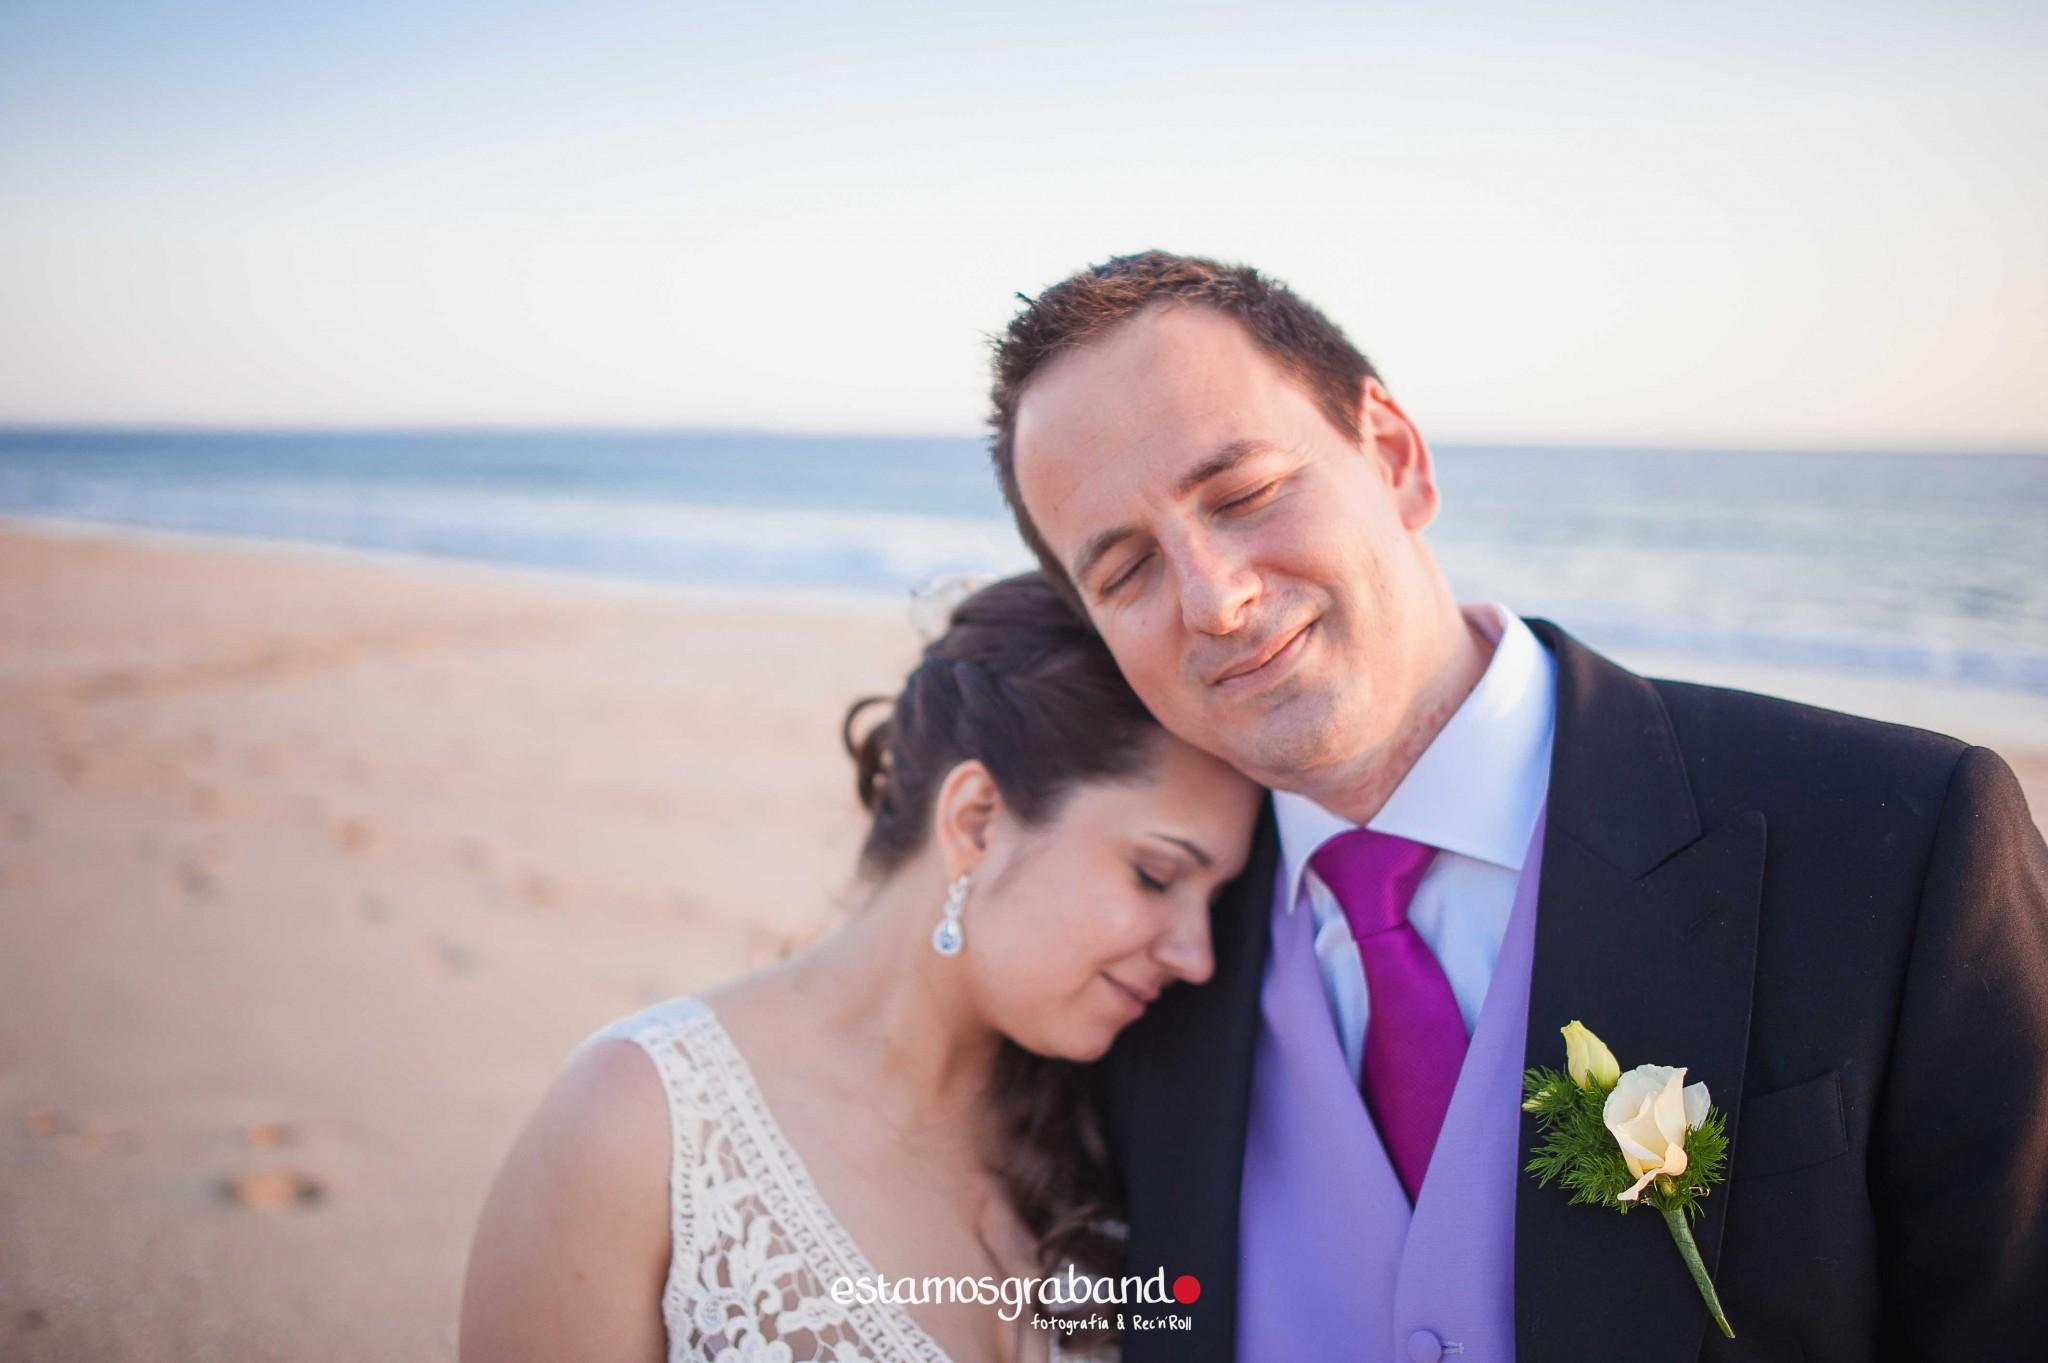 boda-en-chiclana_sonia-y-diego_fotograficc81a-de-boda-63 Zahara Sonia + Diego [Fotografía de Boda en Zahara] - video boda cadiz